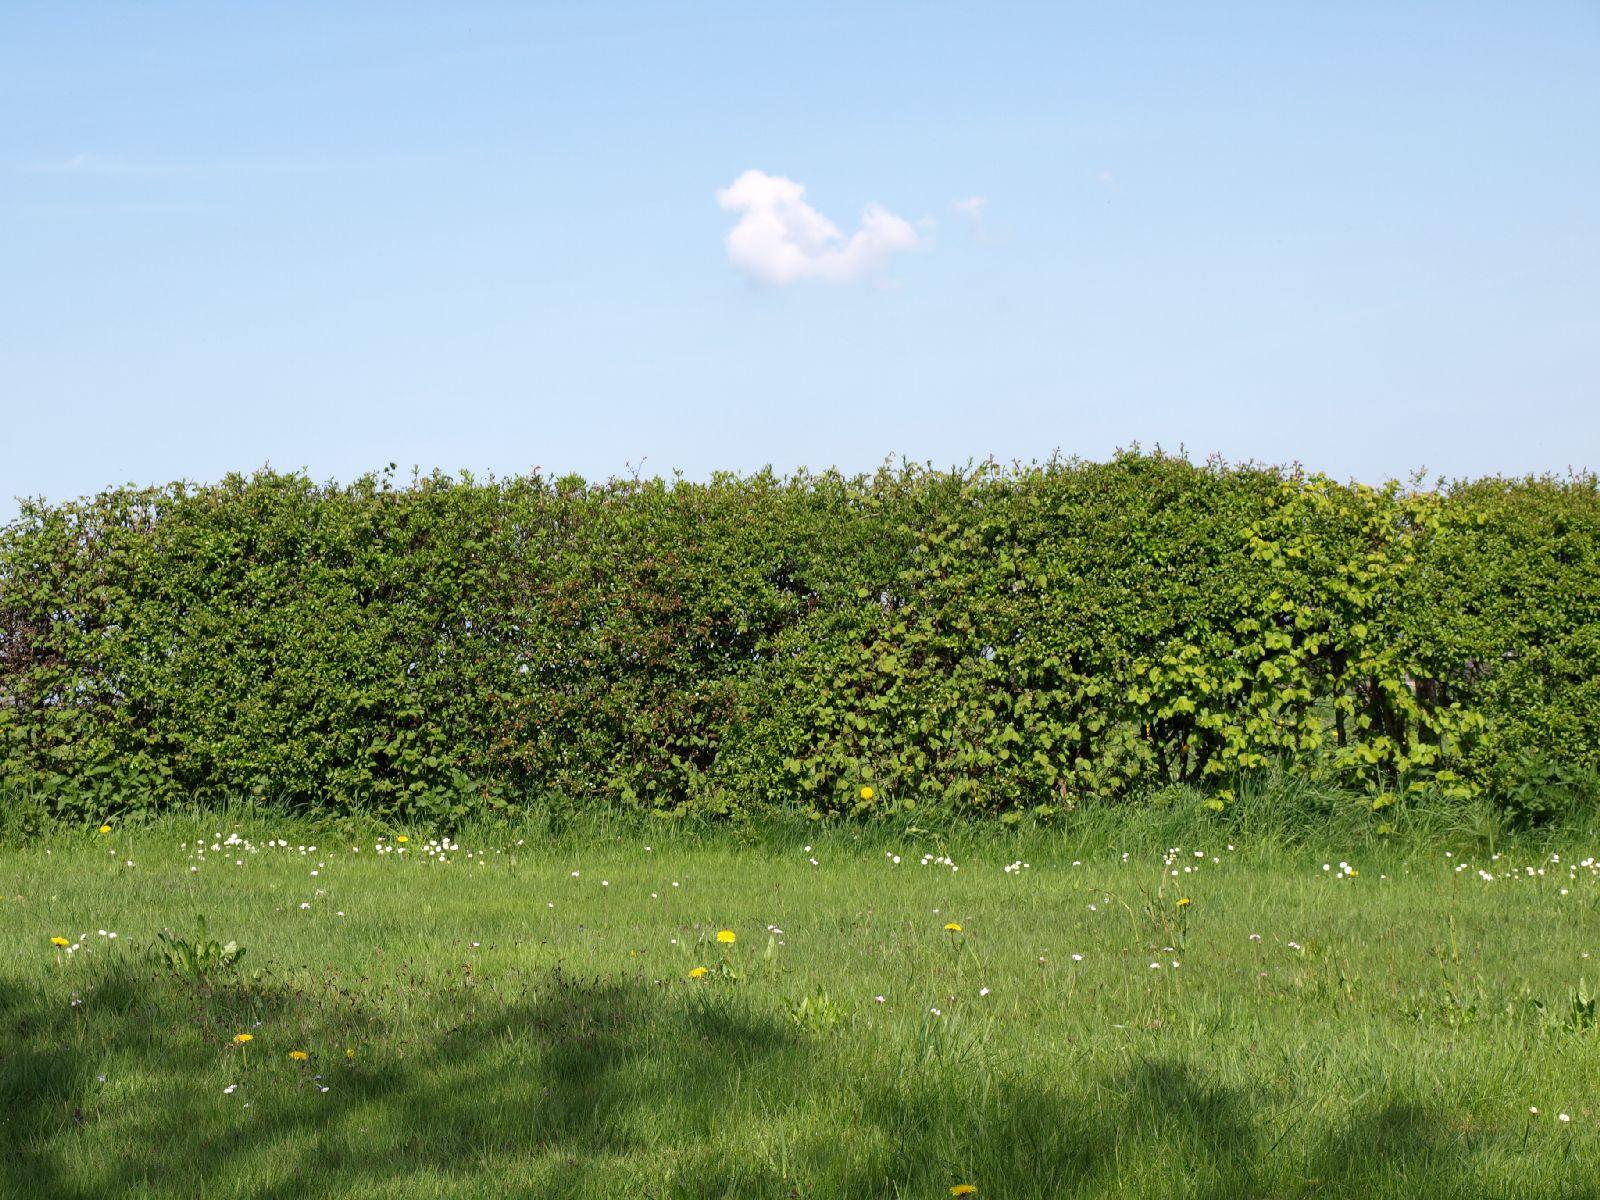 Pflanzen-Hecken-Foto_Textur_B_P5032305